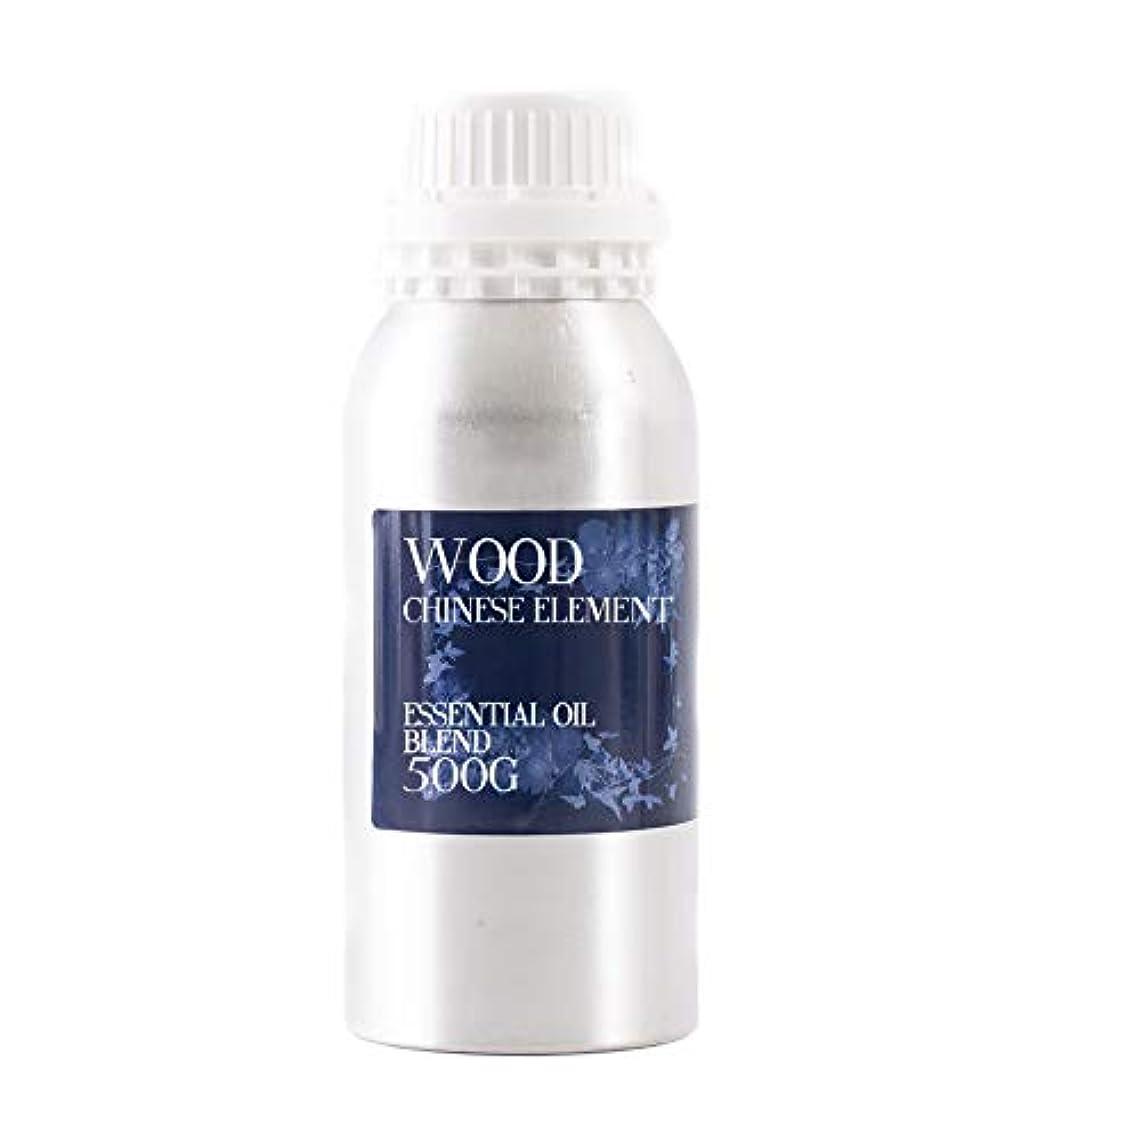 レプリカルビー言語学Mystix London | Chinese Wood Element Essential Oil Blend - 500g